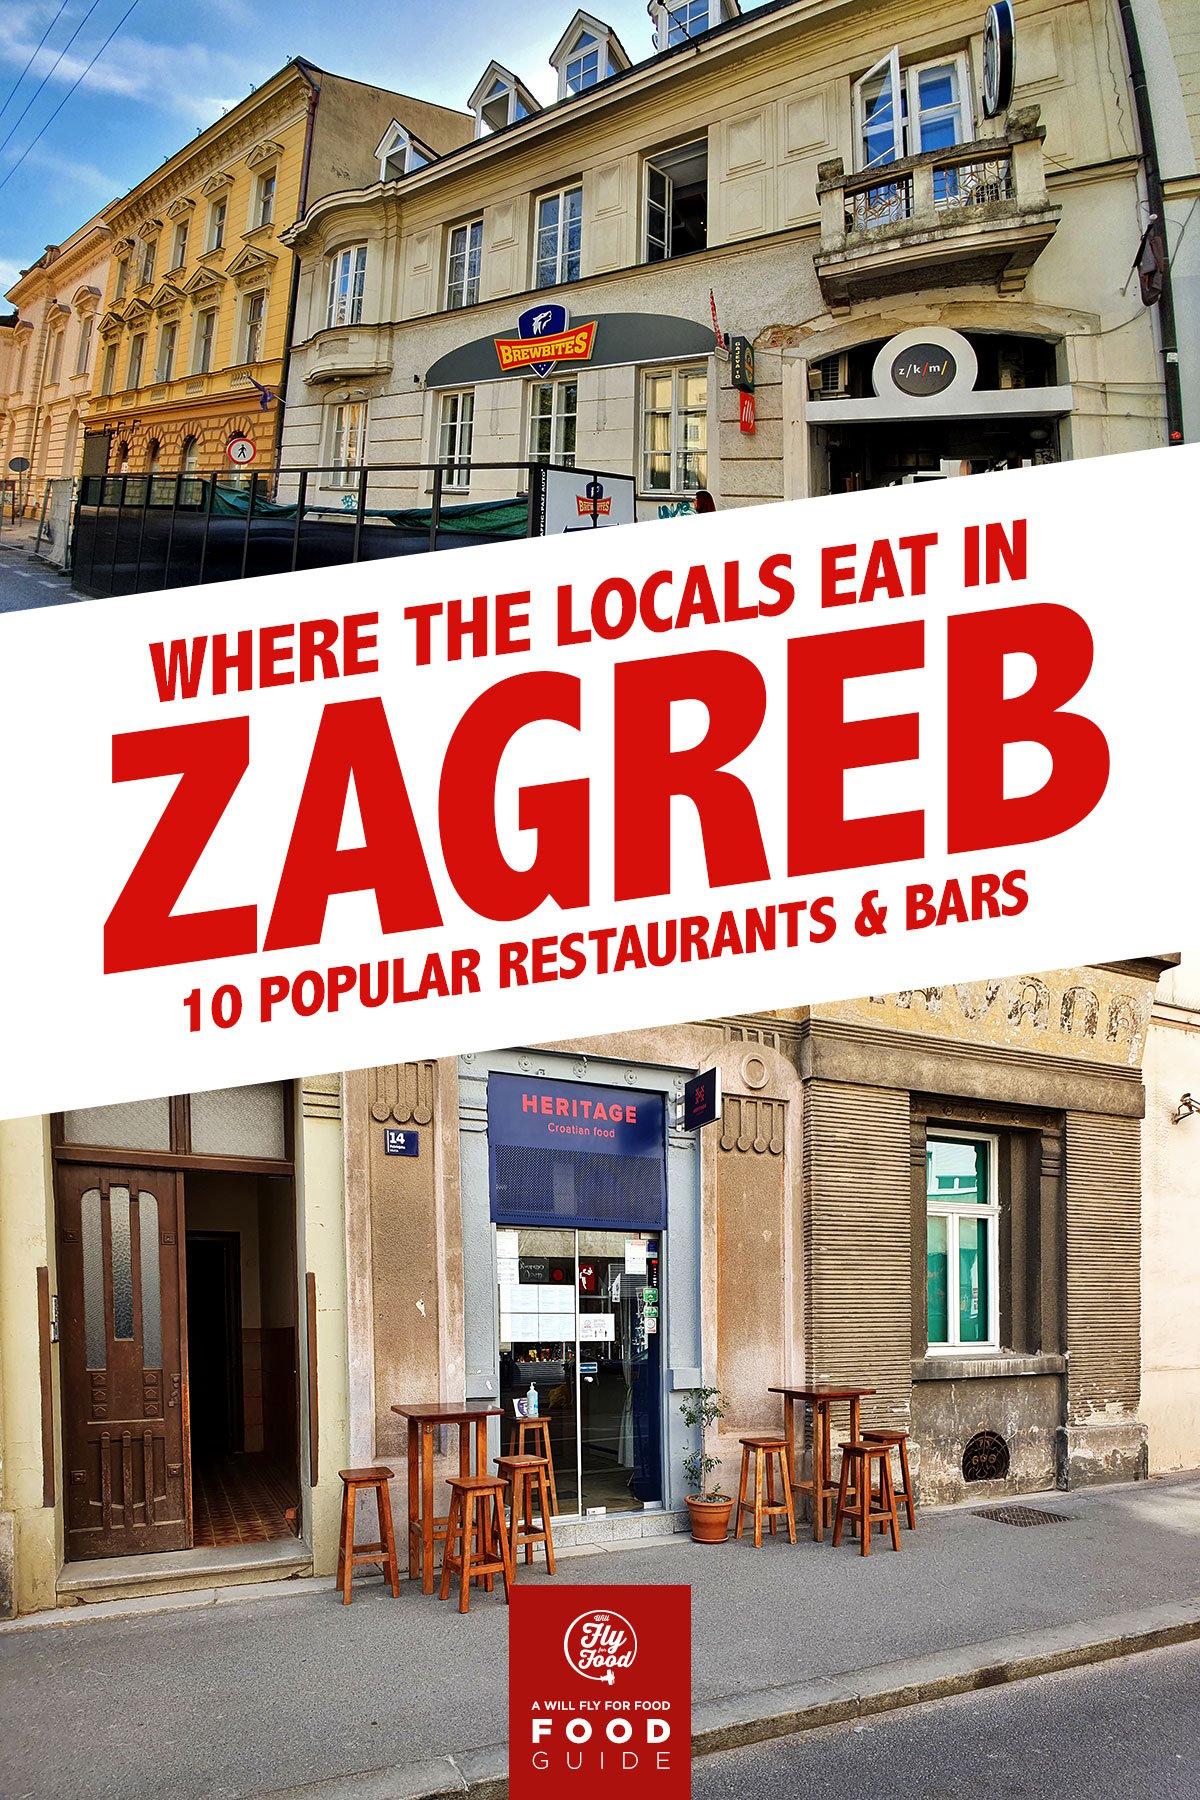 Restaurants in Zagreb, Croatia